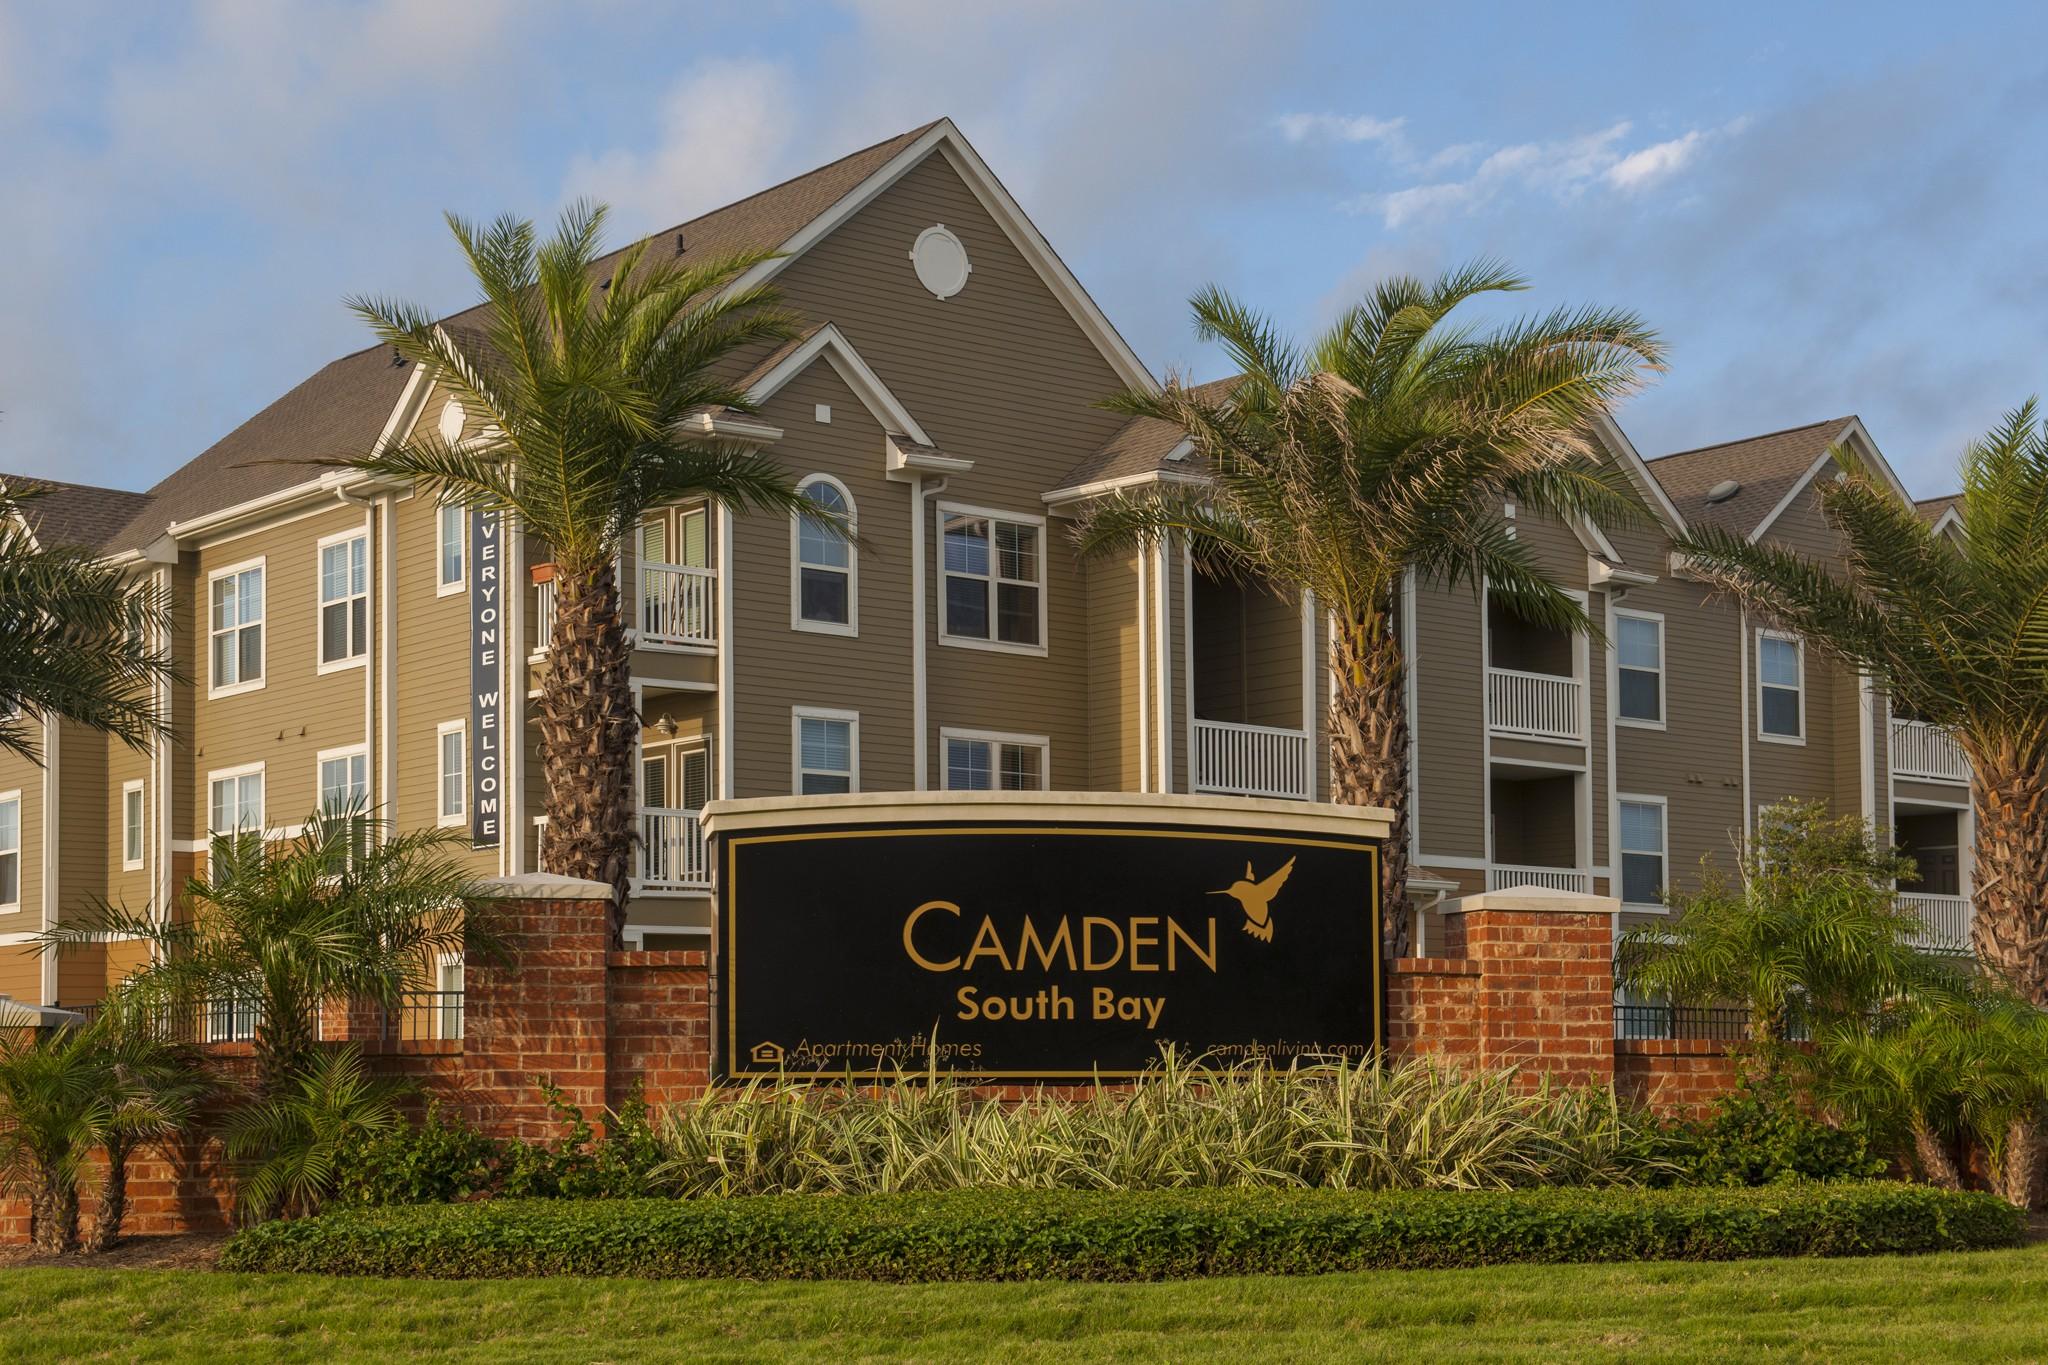 Camden South Bay